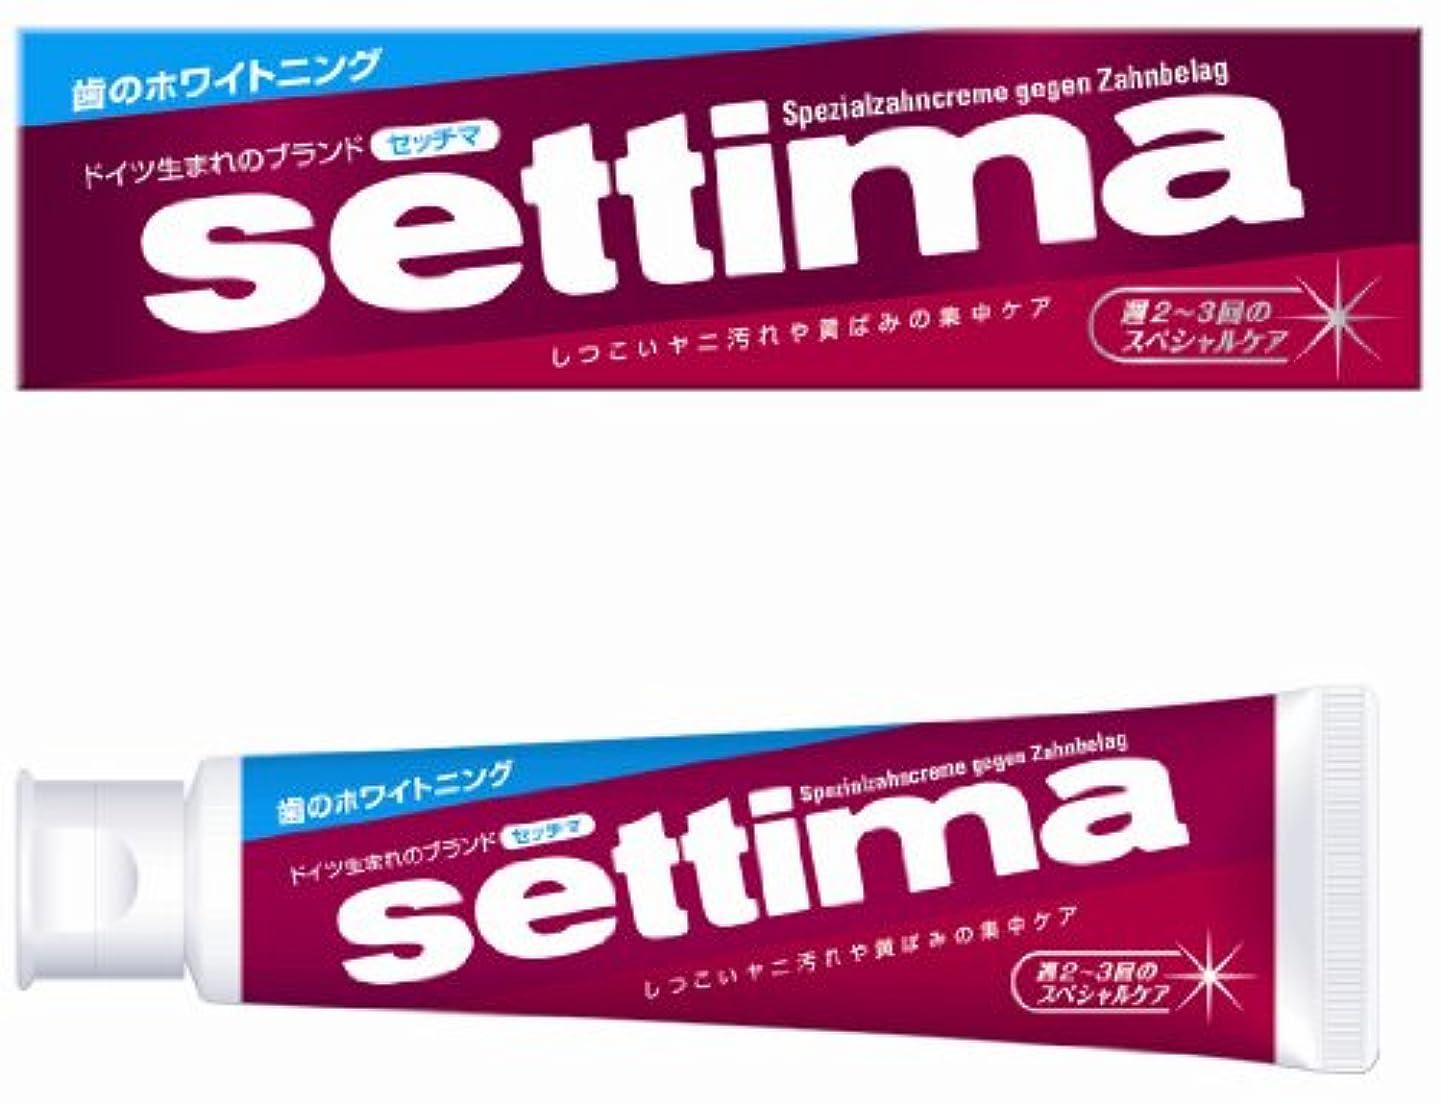 平野使役抽選settima(セッチマ) はみがき スペシャル (箱タイプ) 120g